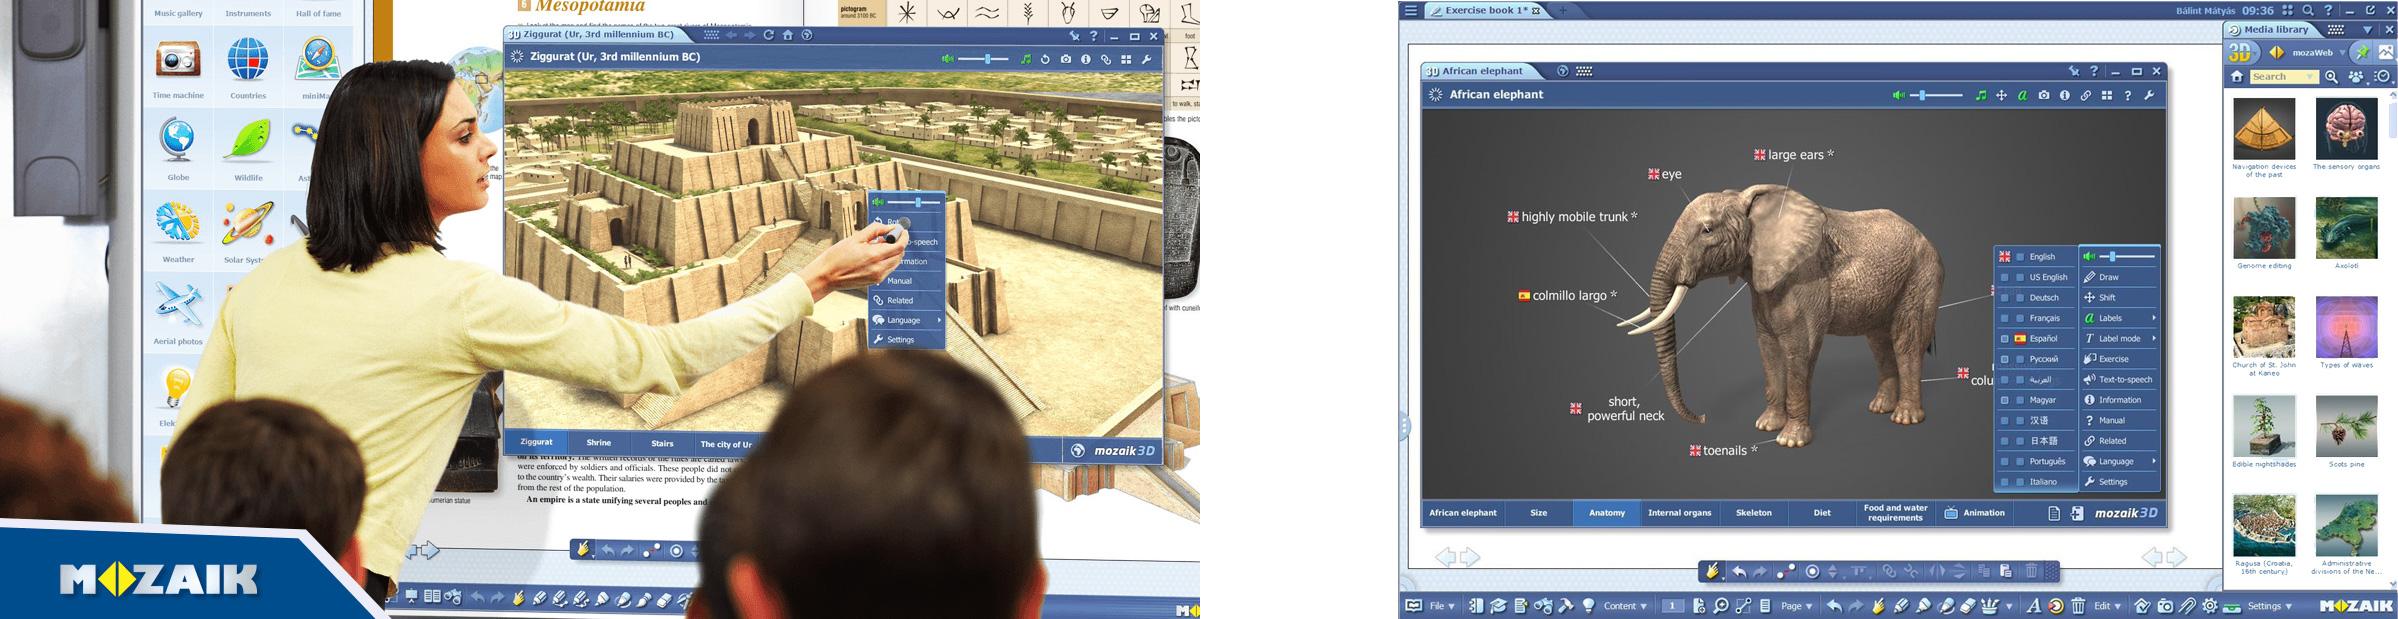 mozaBook interaktīvs izglītības rīks izglītības iestādēm